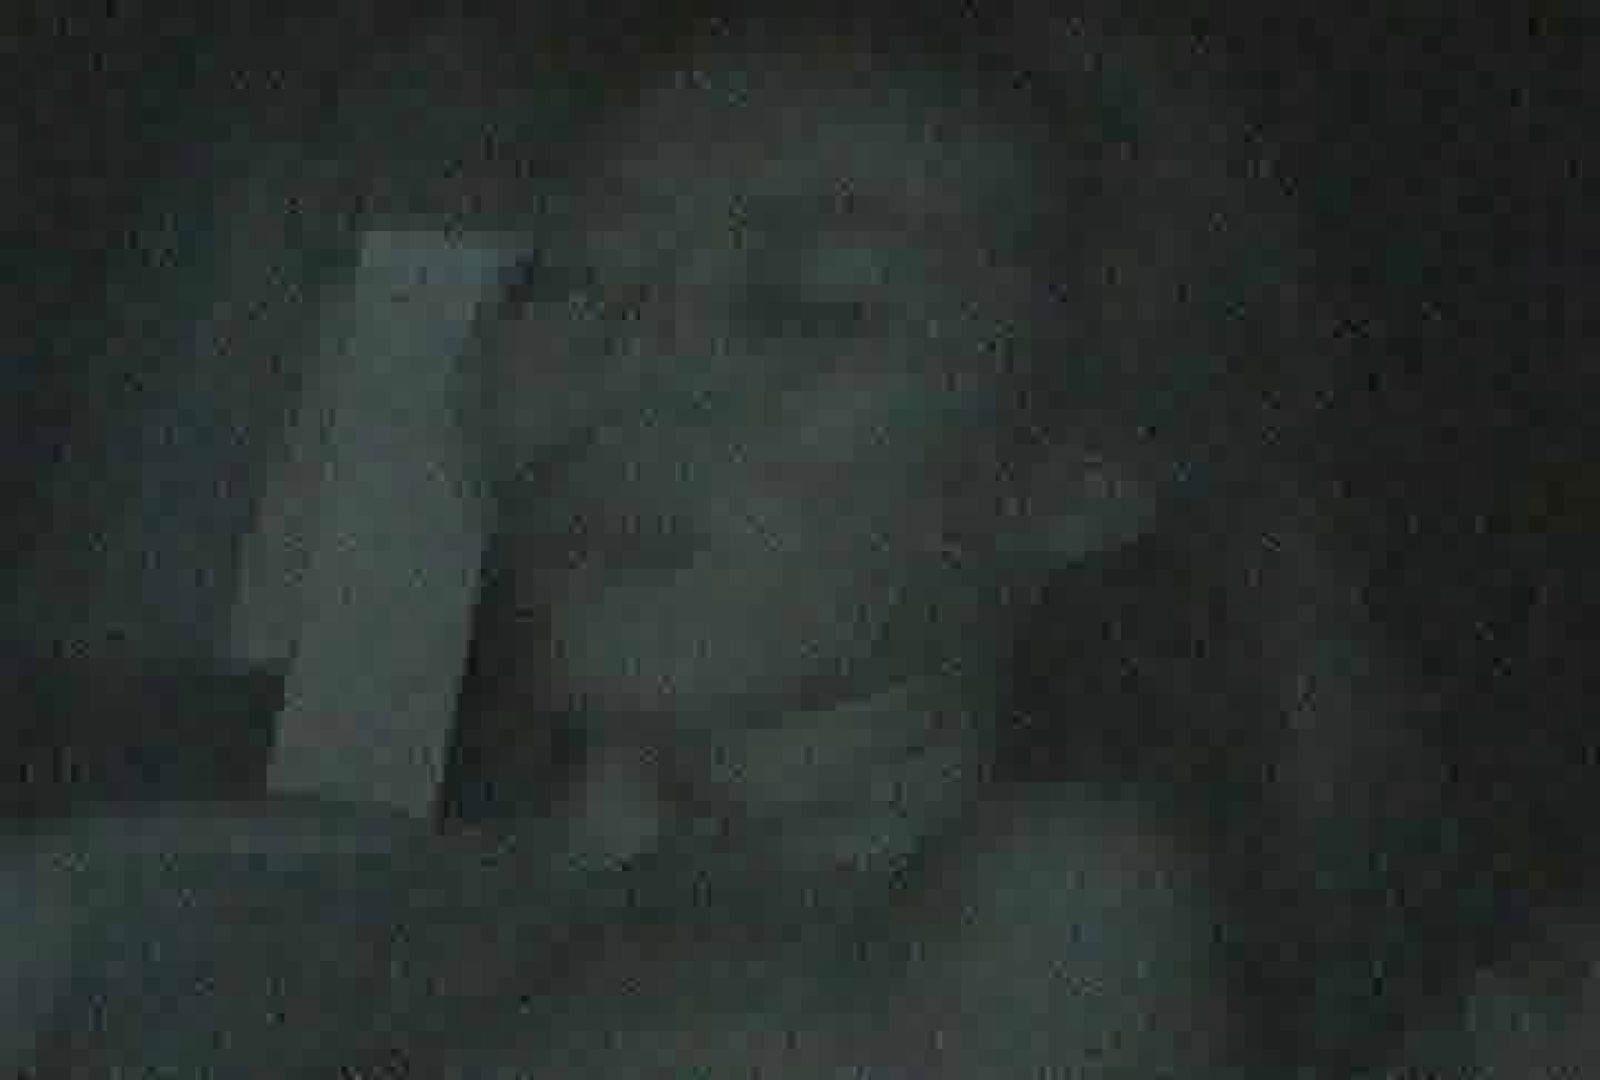 充血監督の深夜の運動会Vol.73 エロティックなOL   エッチなセックス  86画像 85